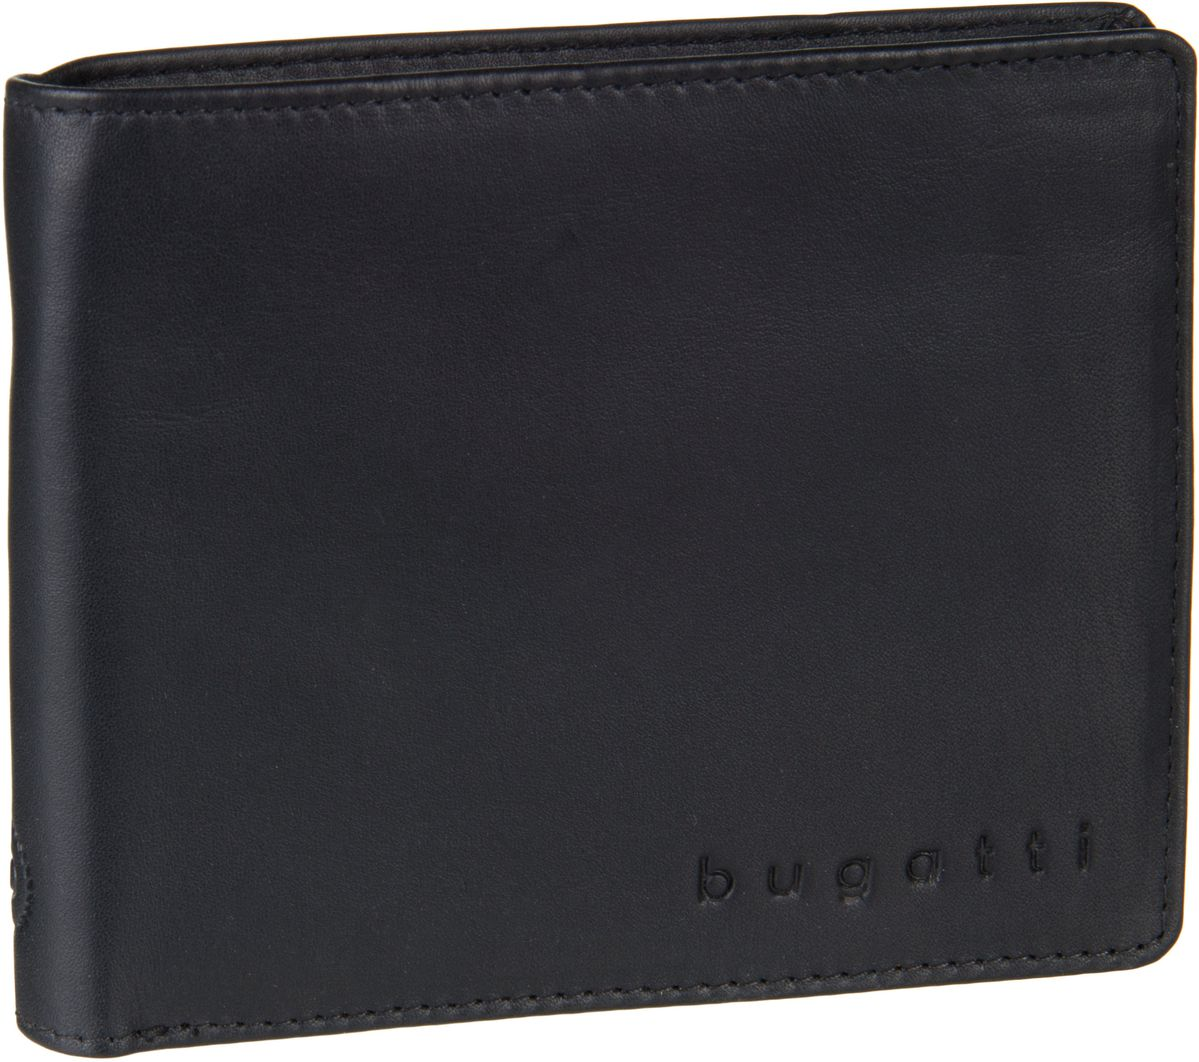 Bugatti Geldbörse Primo RFID 3264 Schwarz